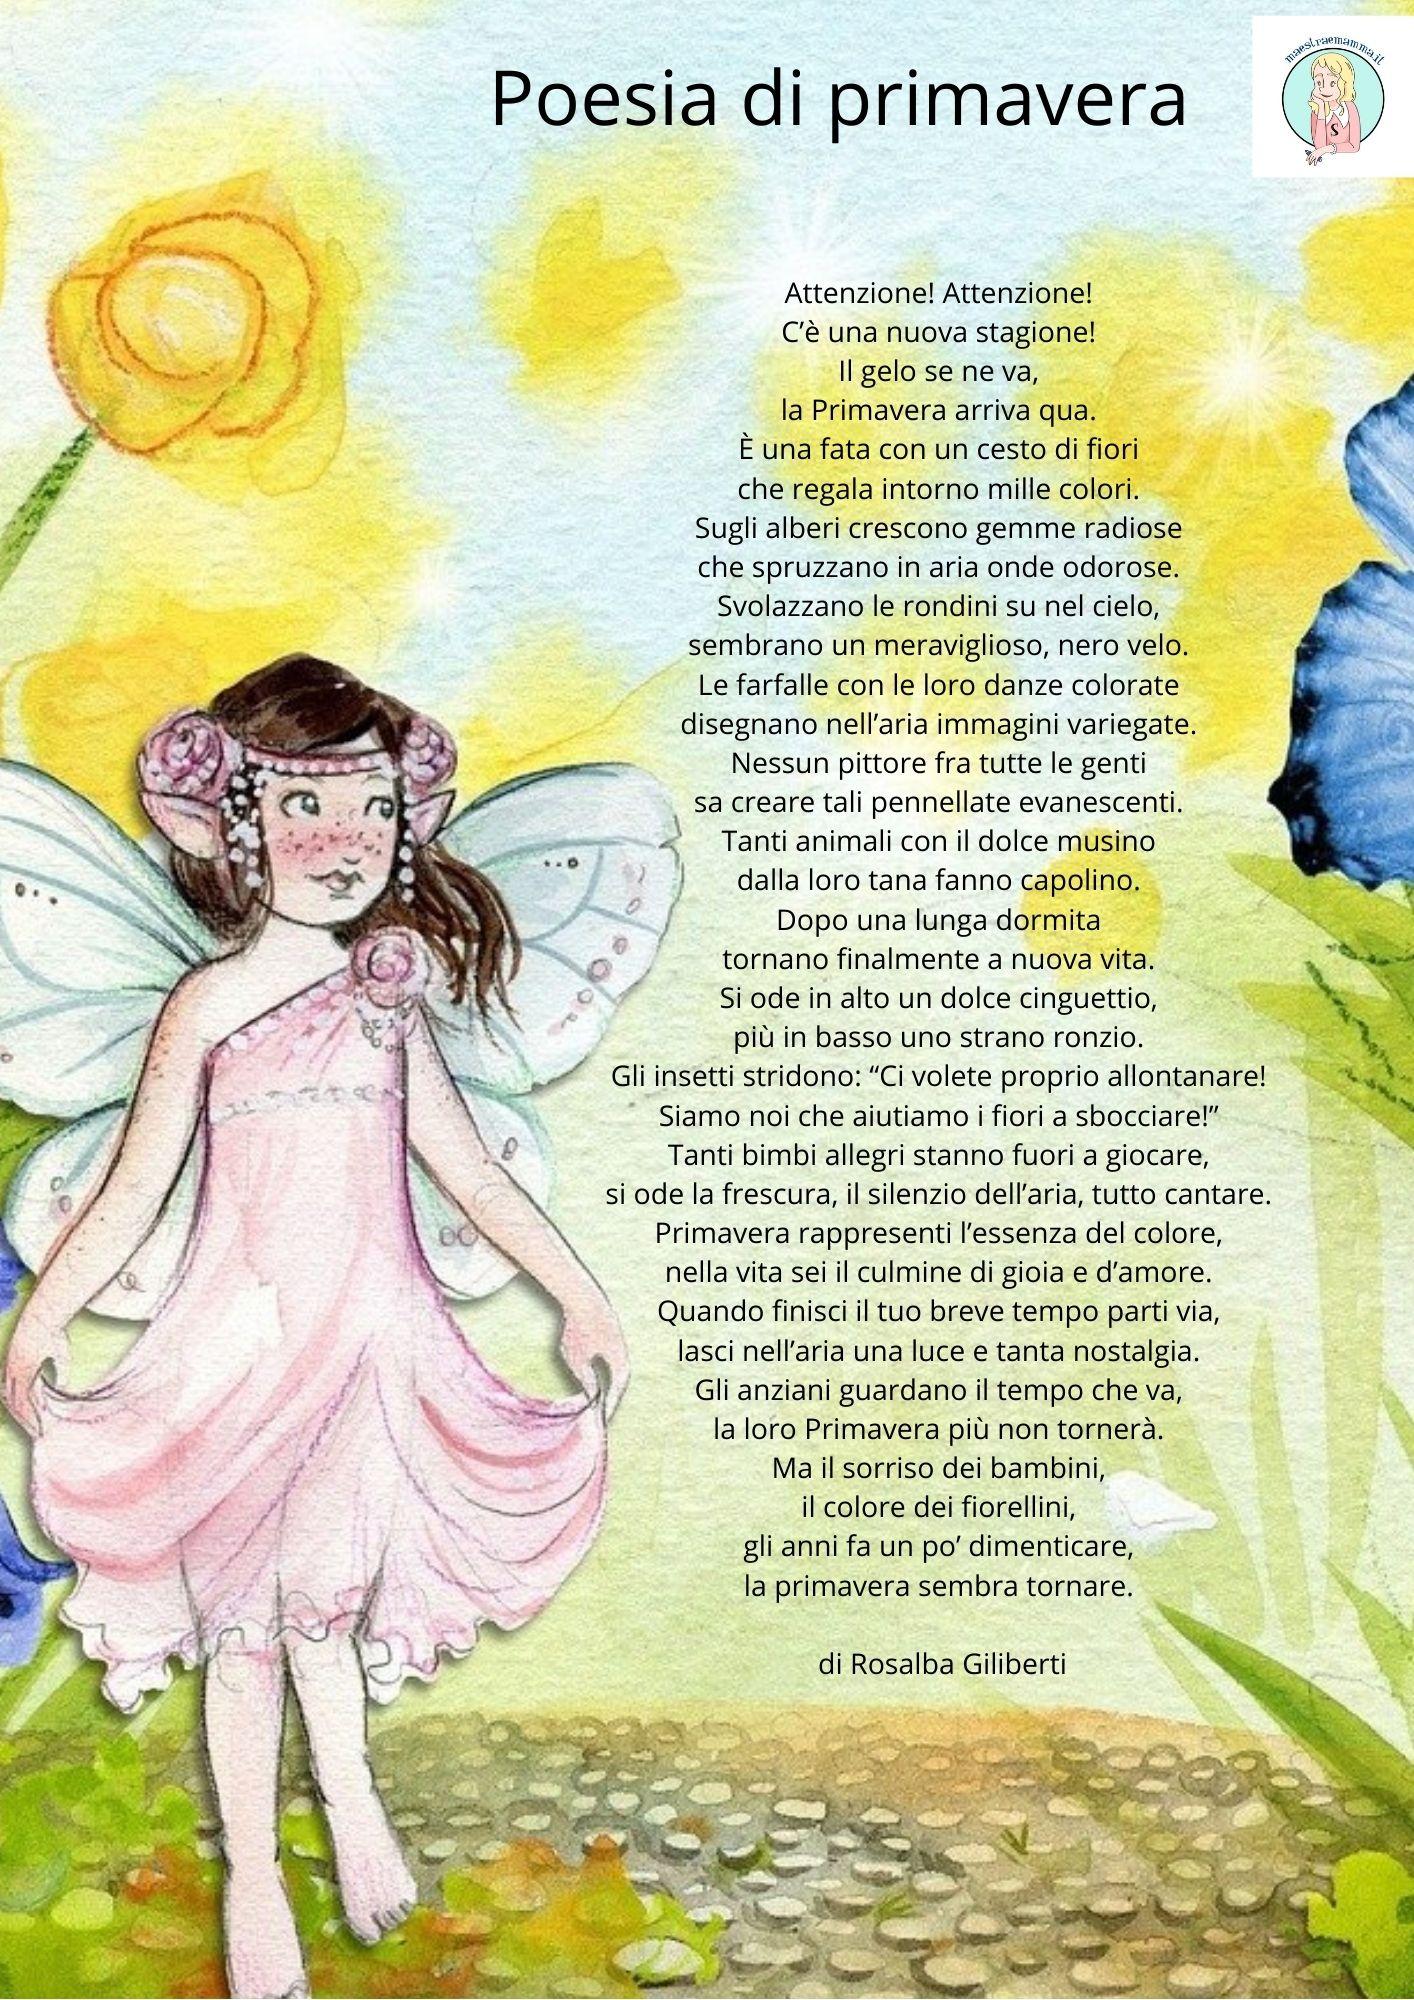 Poesia di primavera per bambini di Rosalba Giliberti